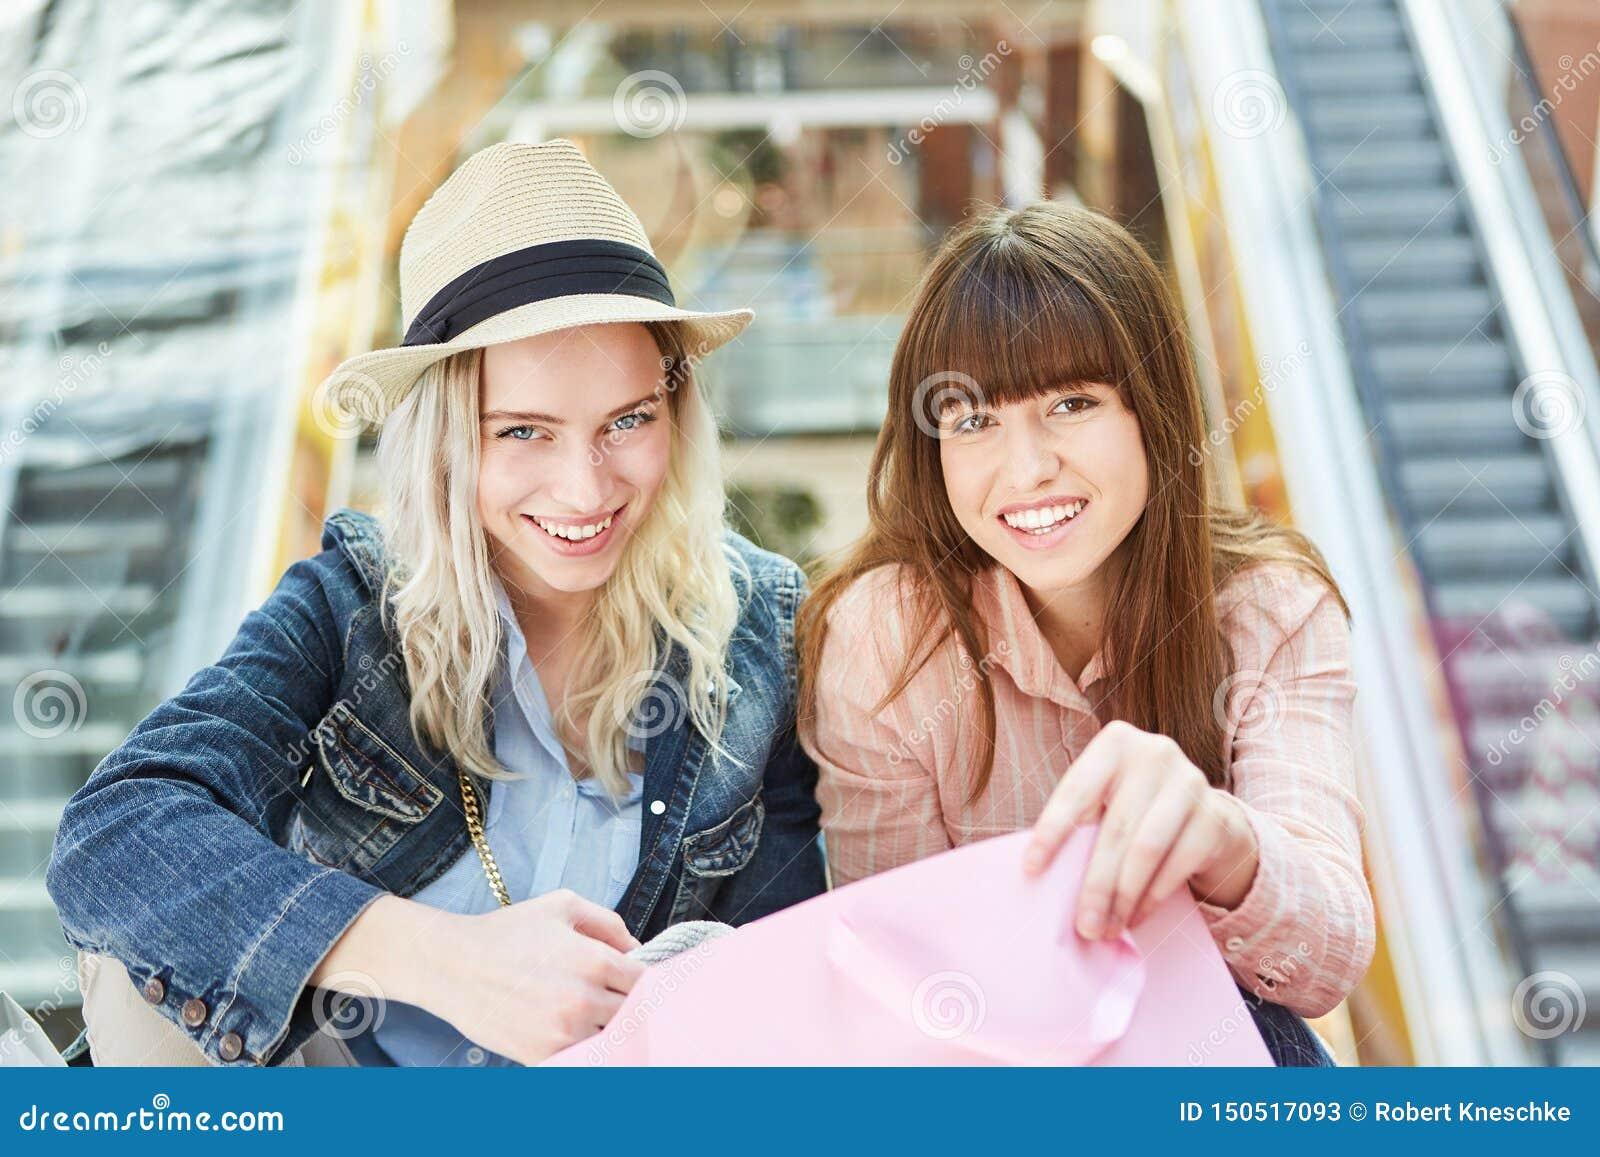 Deux adolescentes dans le centre commercial